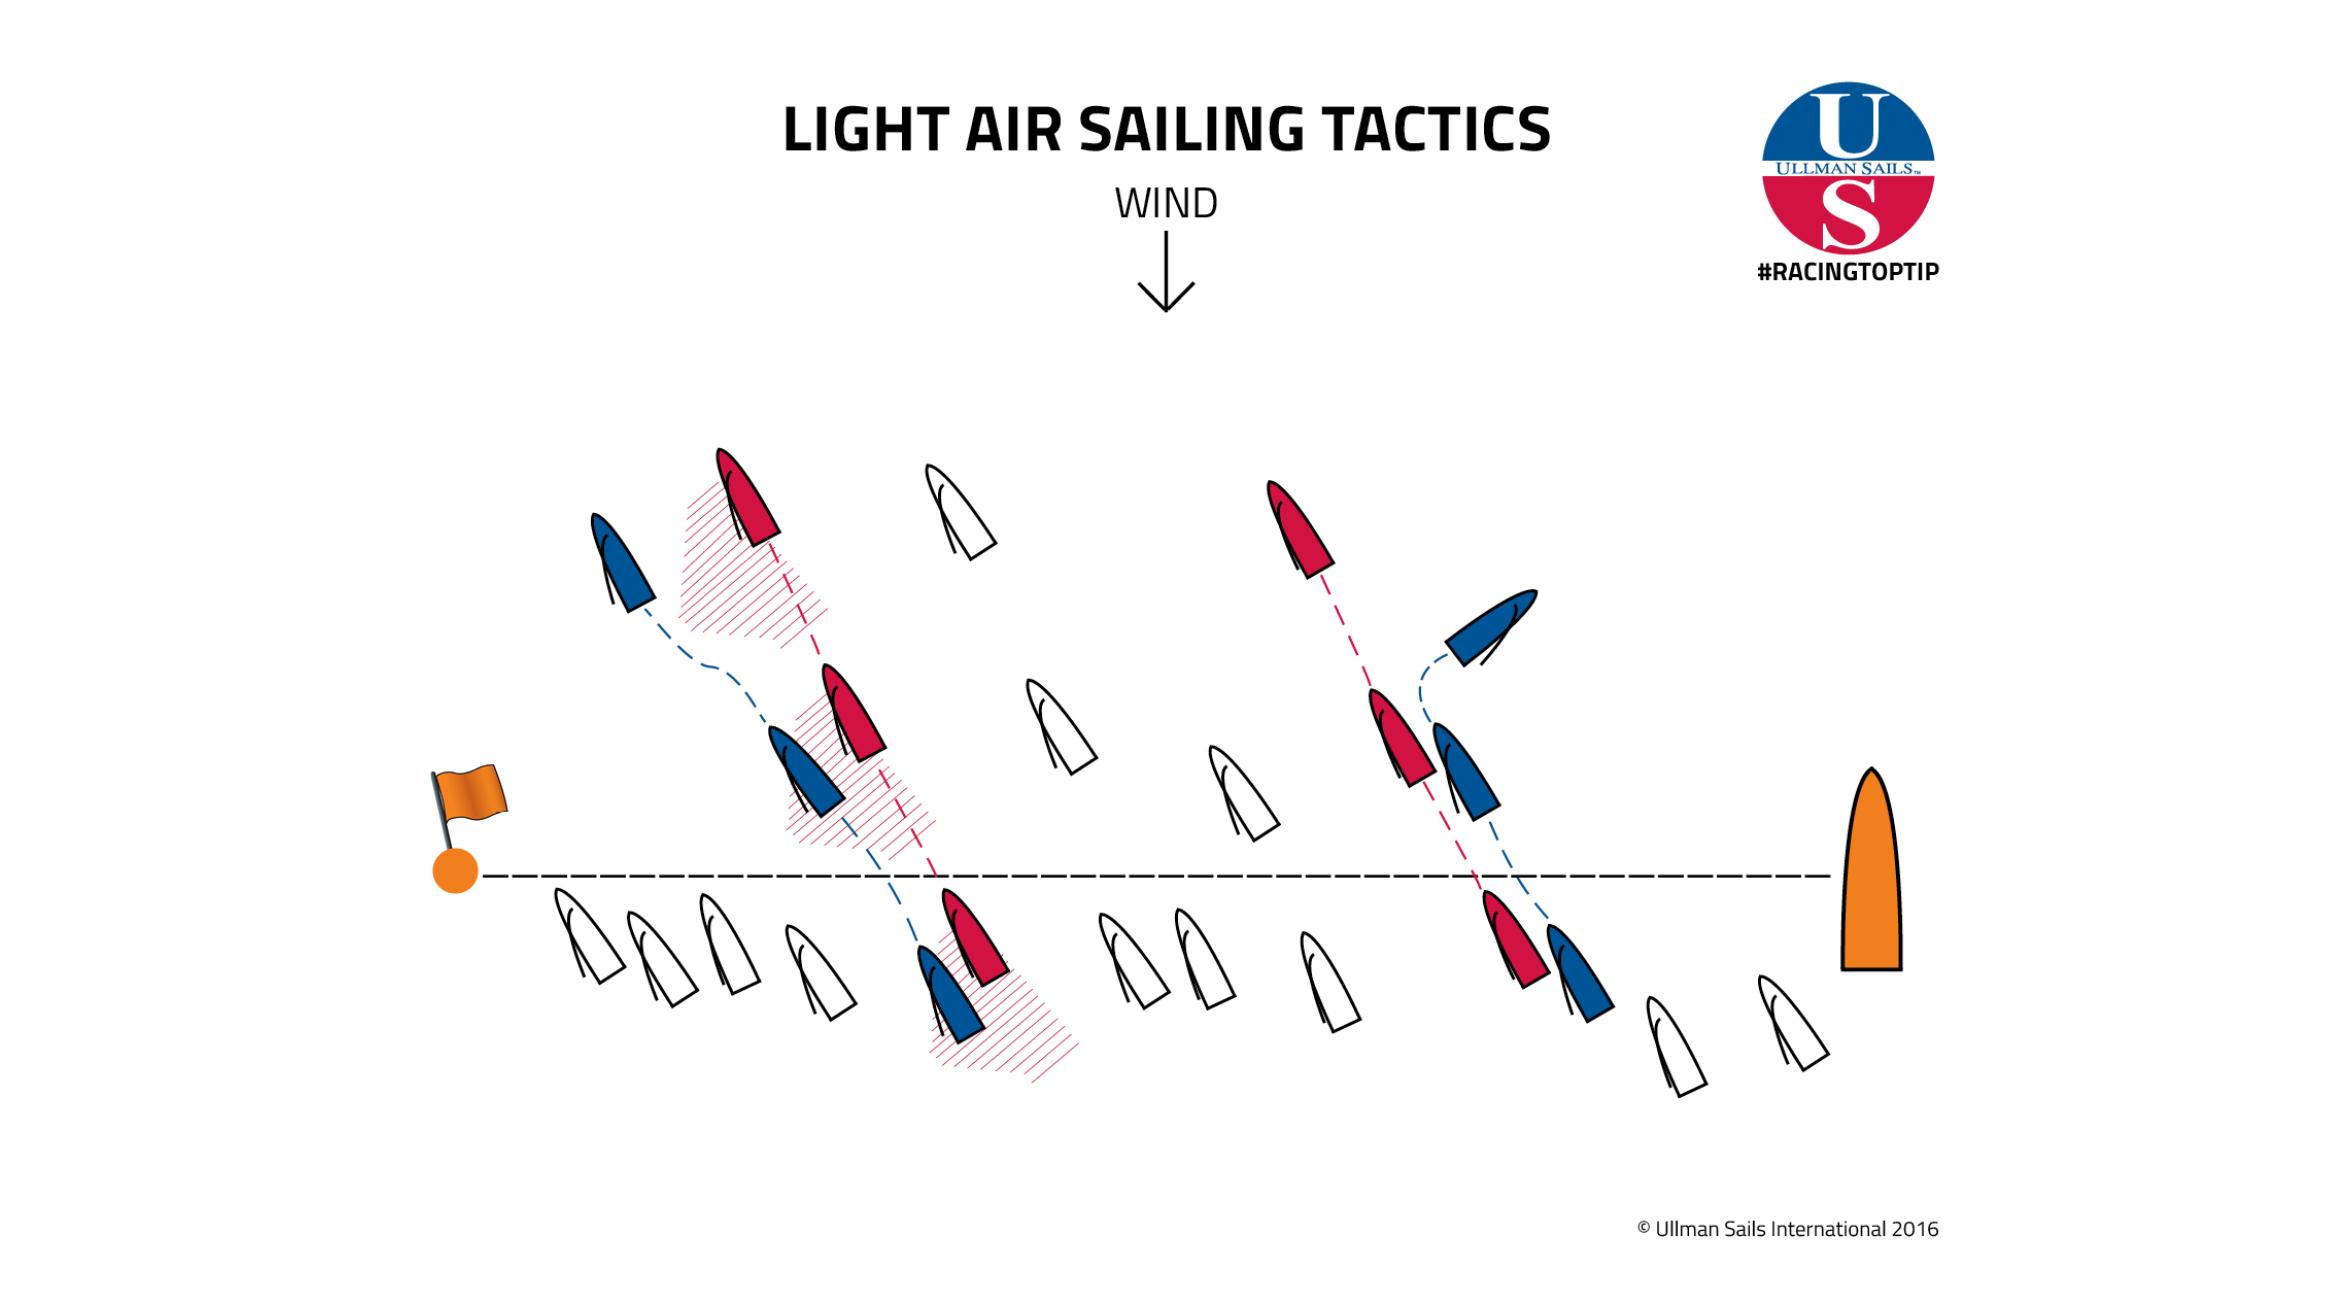 Racingtoptip Light Air Sailing Tactics